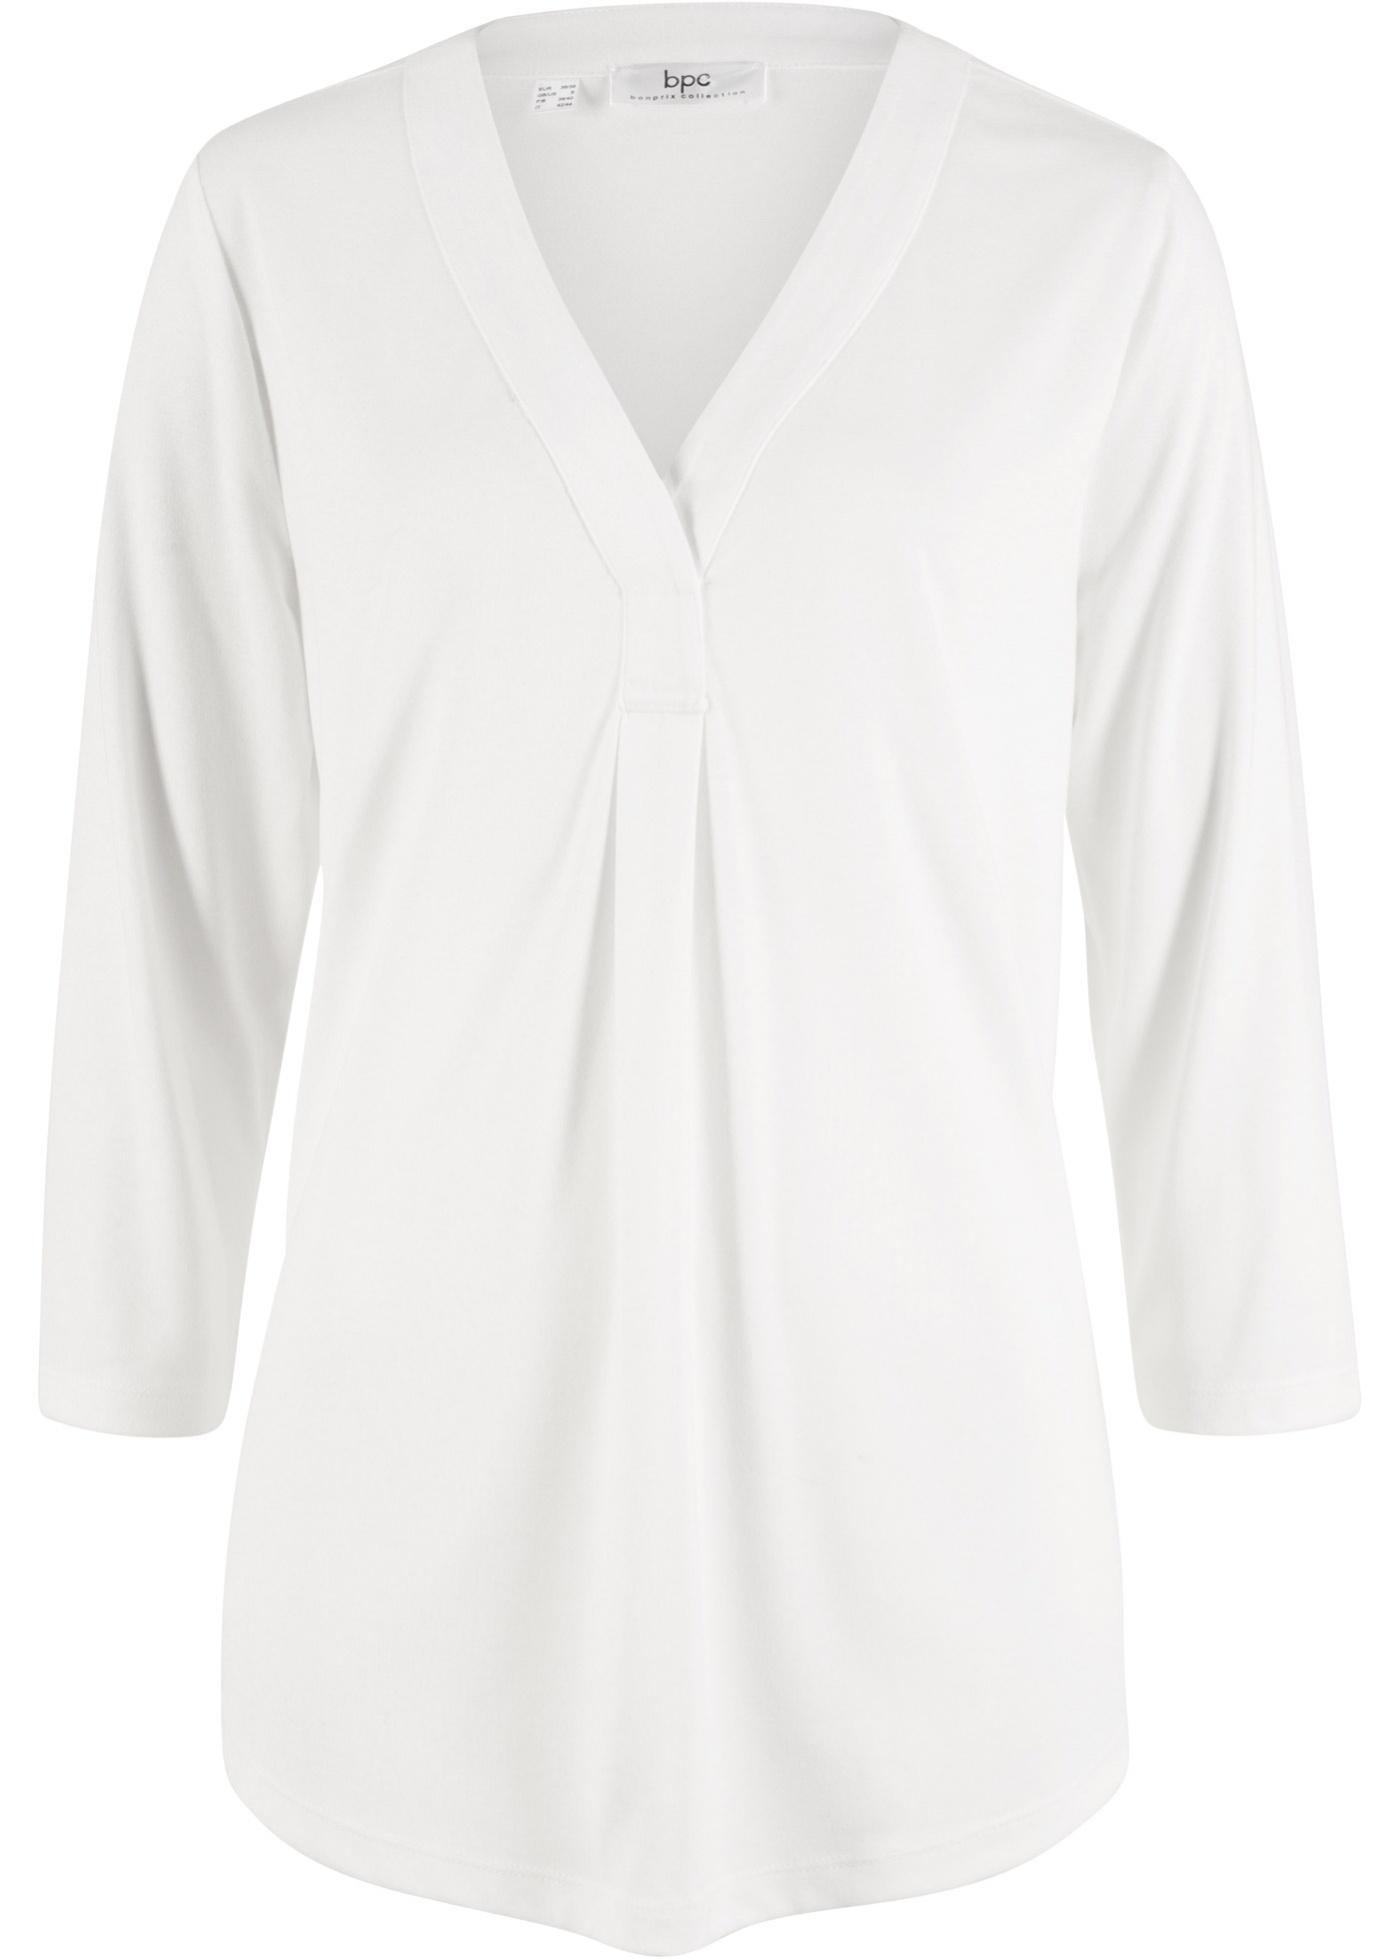 Femme CollectionT shirt En Manches Mélange Modal Bonprix Fluide Bpc 4 Blanc 3 Pour b6fgIyv7Ym